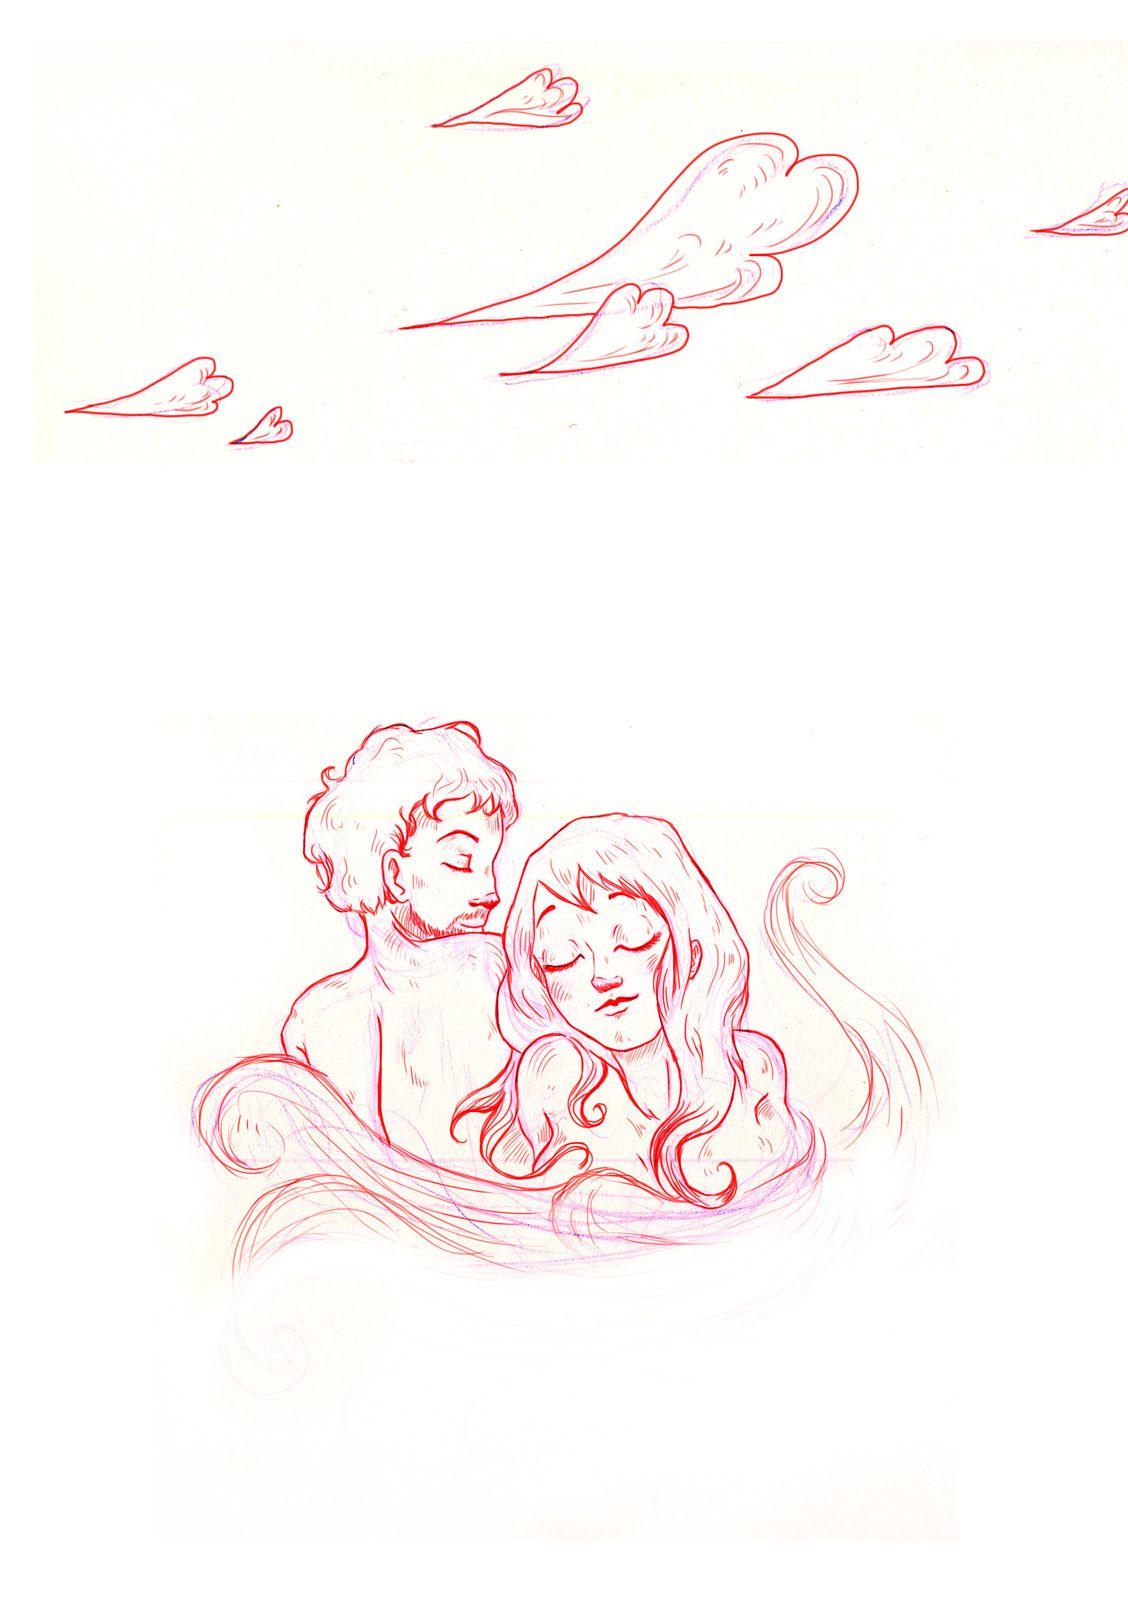 dessin : héloïse, photos : flora, yves et maïette + X...